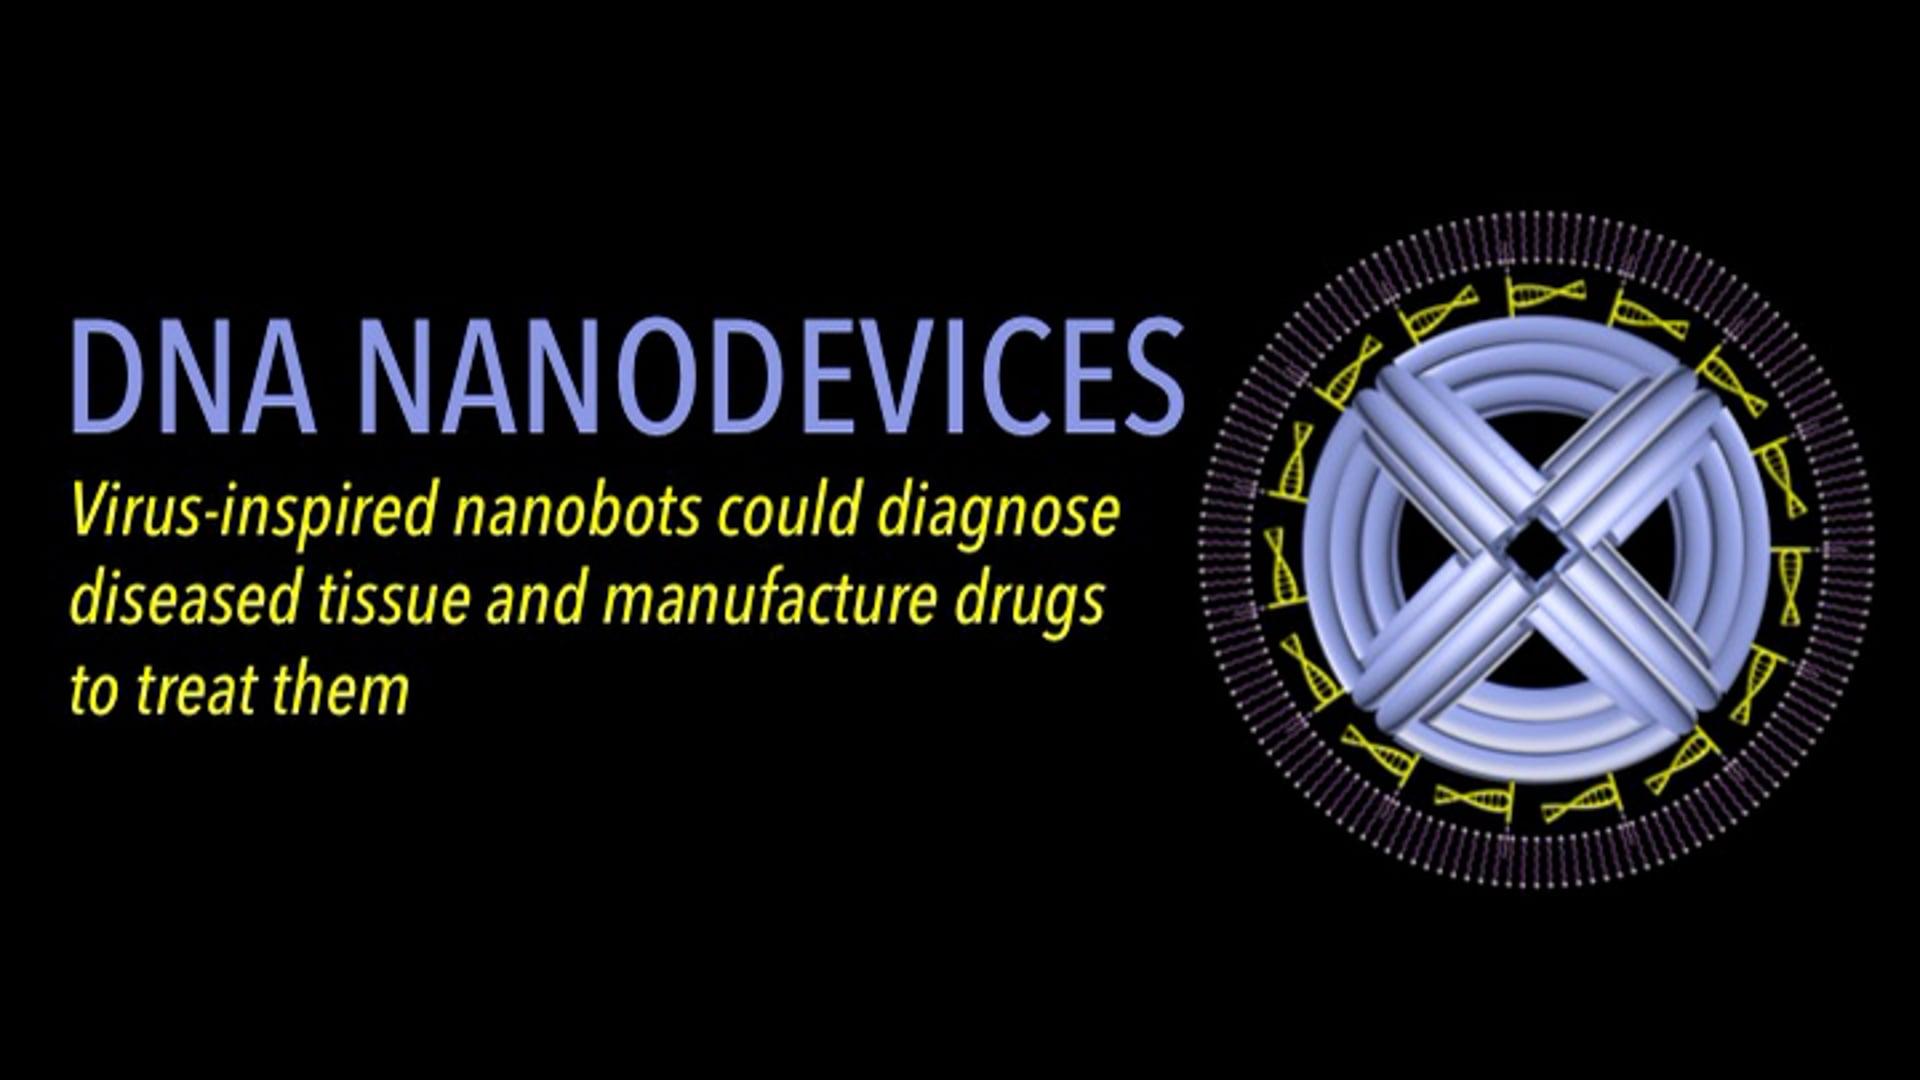 Virus-inspired DNA Nanodevices